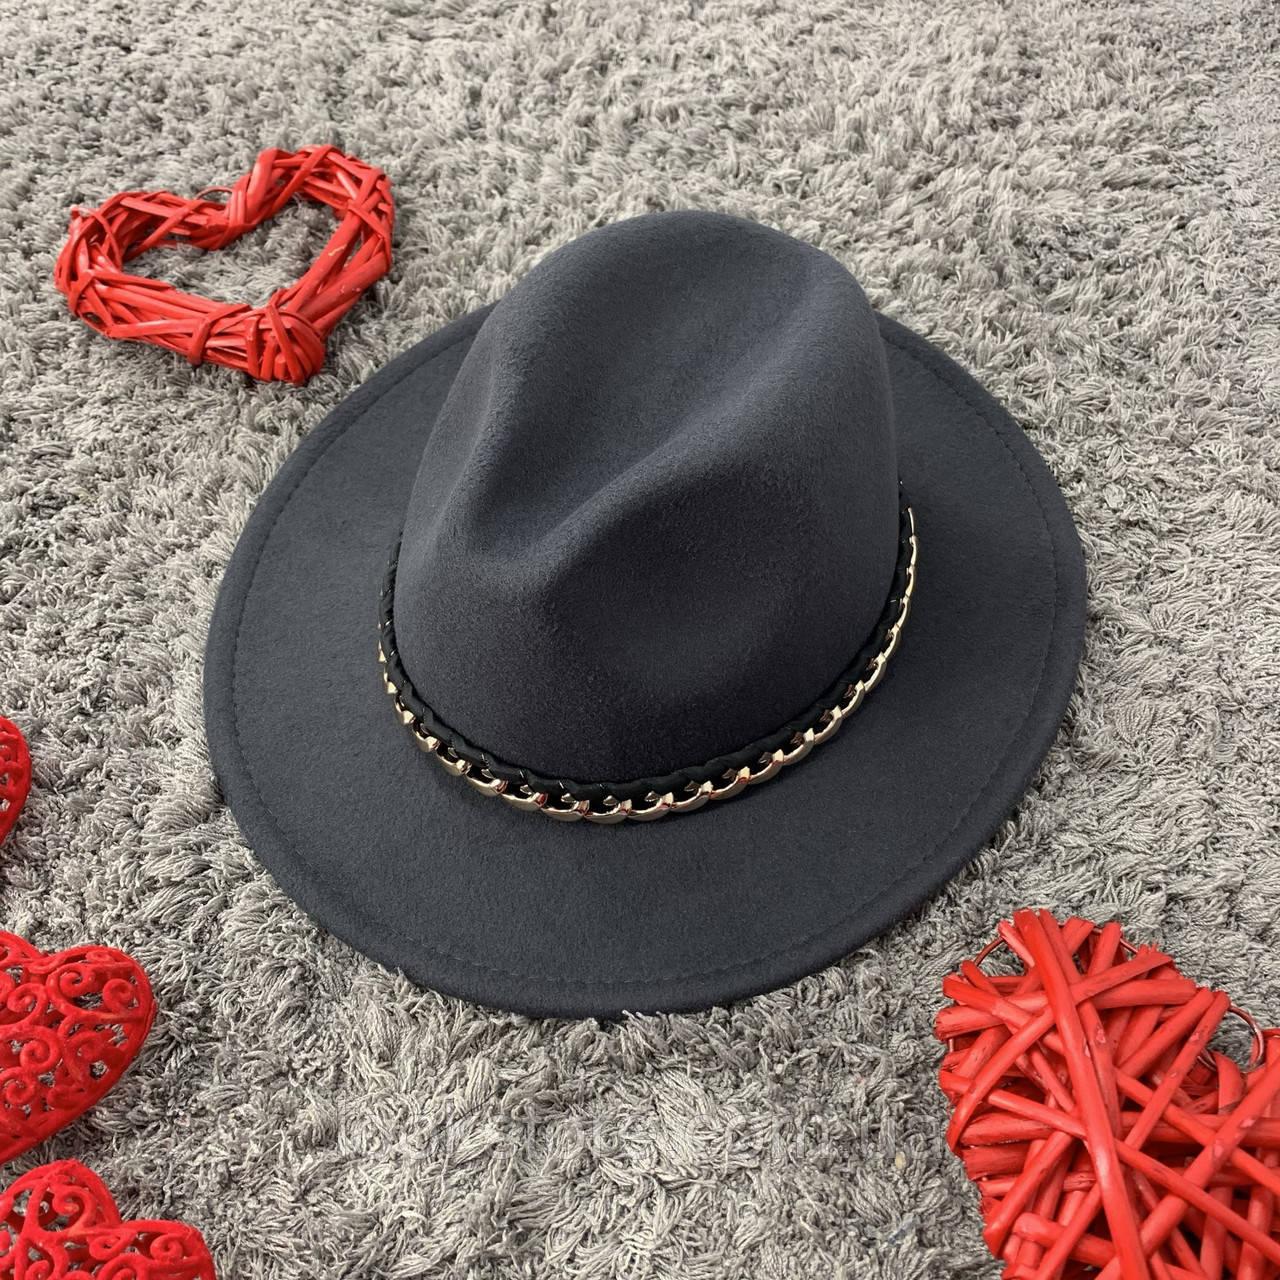 Шляпа Федора серая графит с устойчивыми полями Gold Chain унисекс